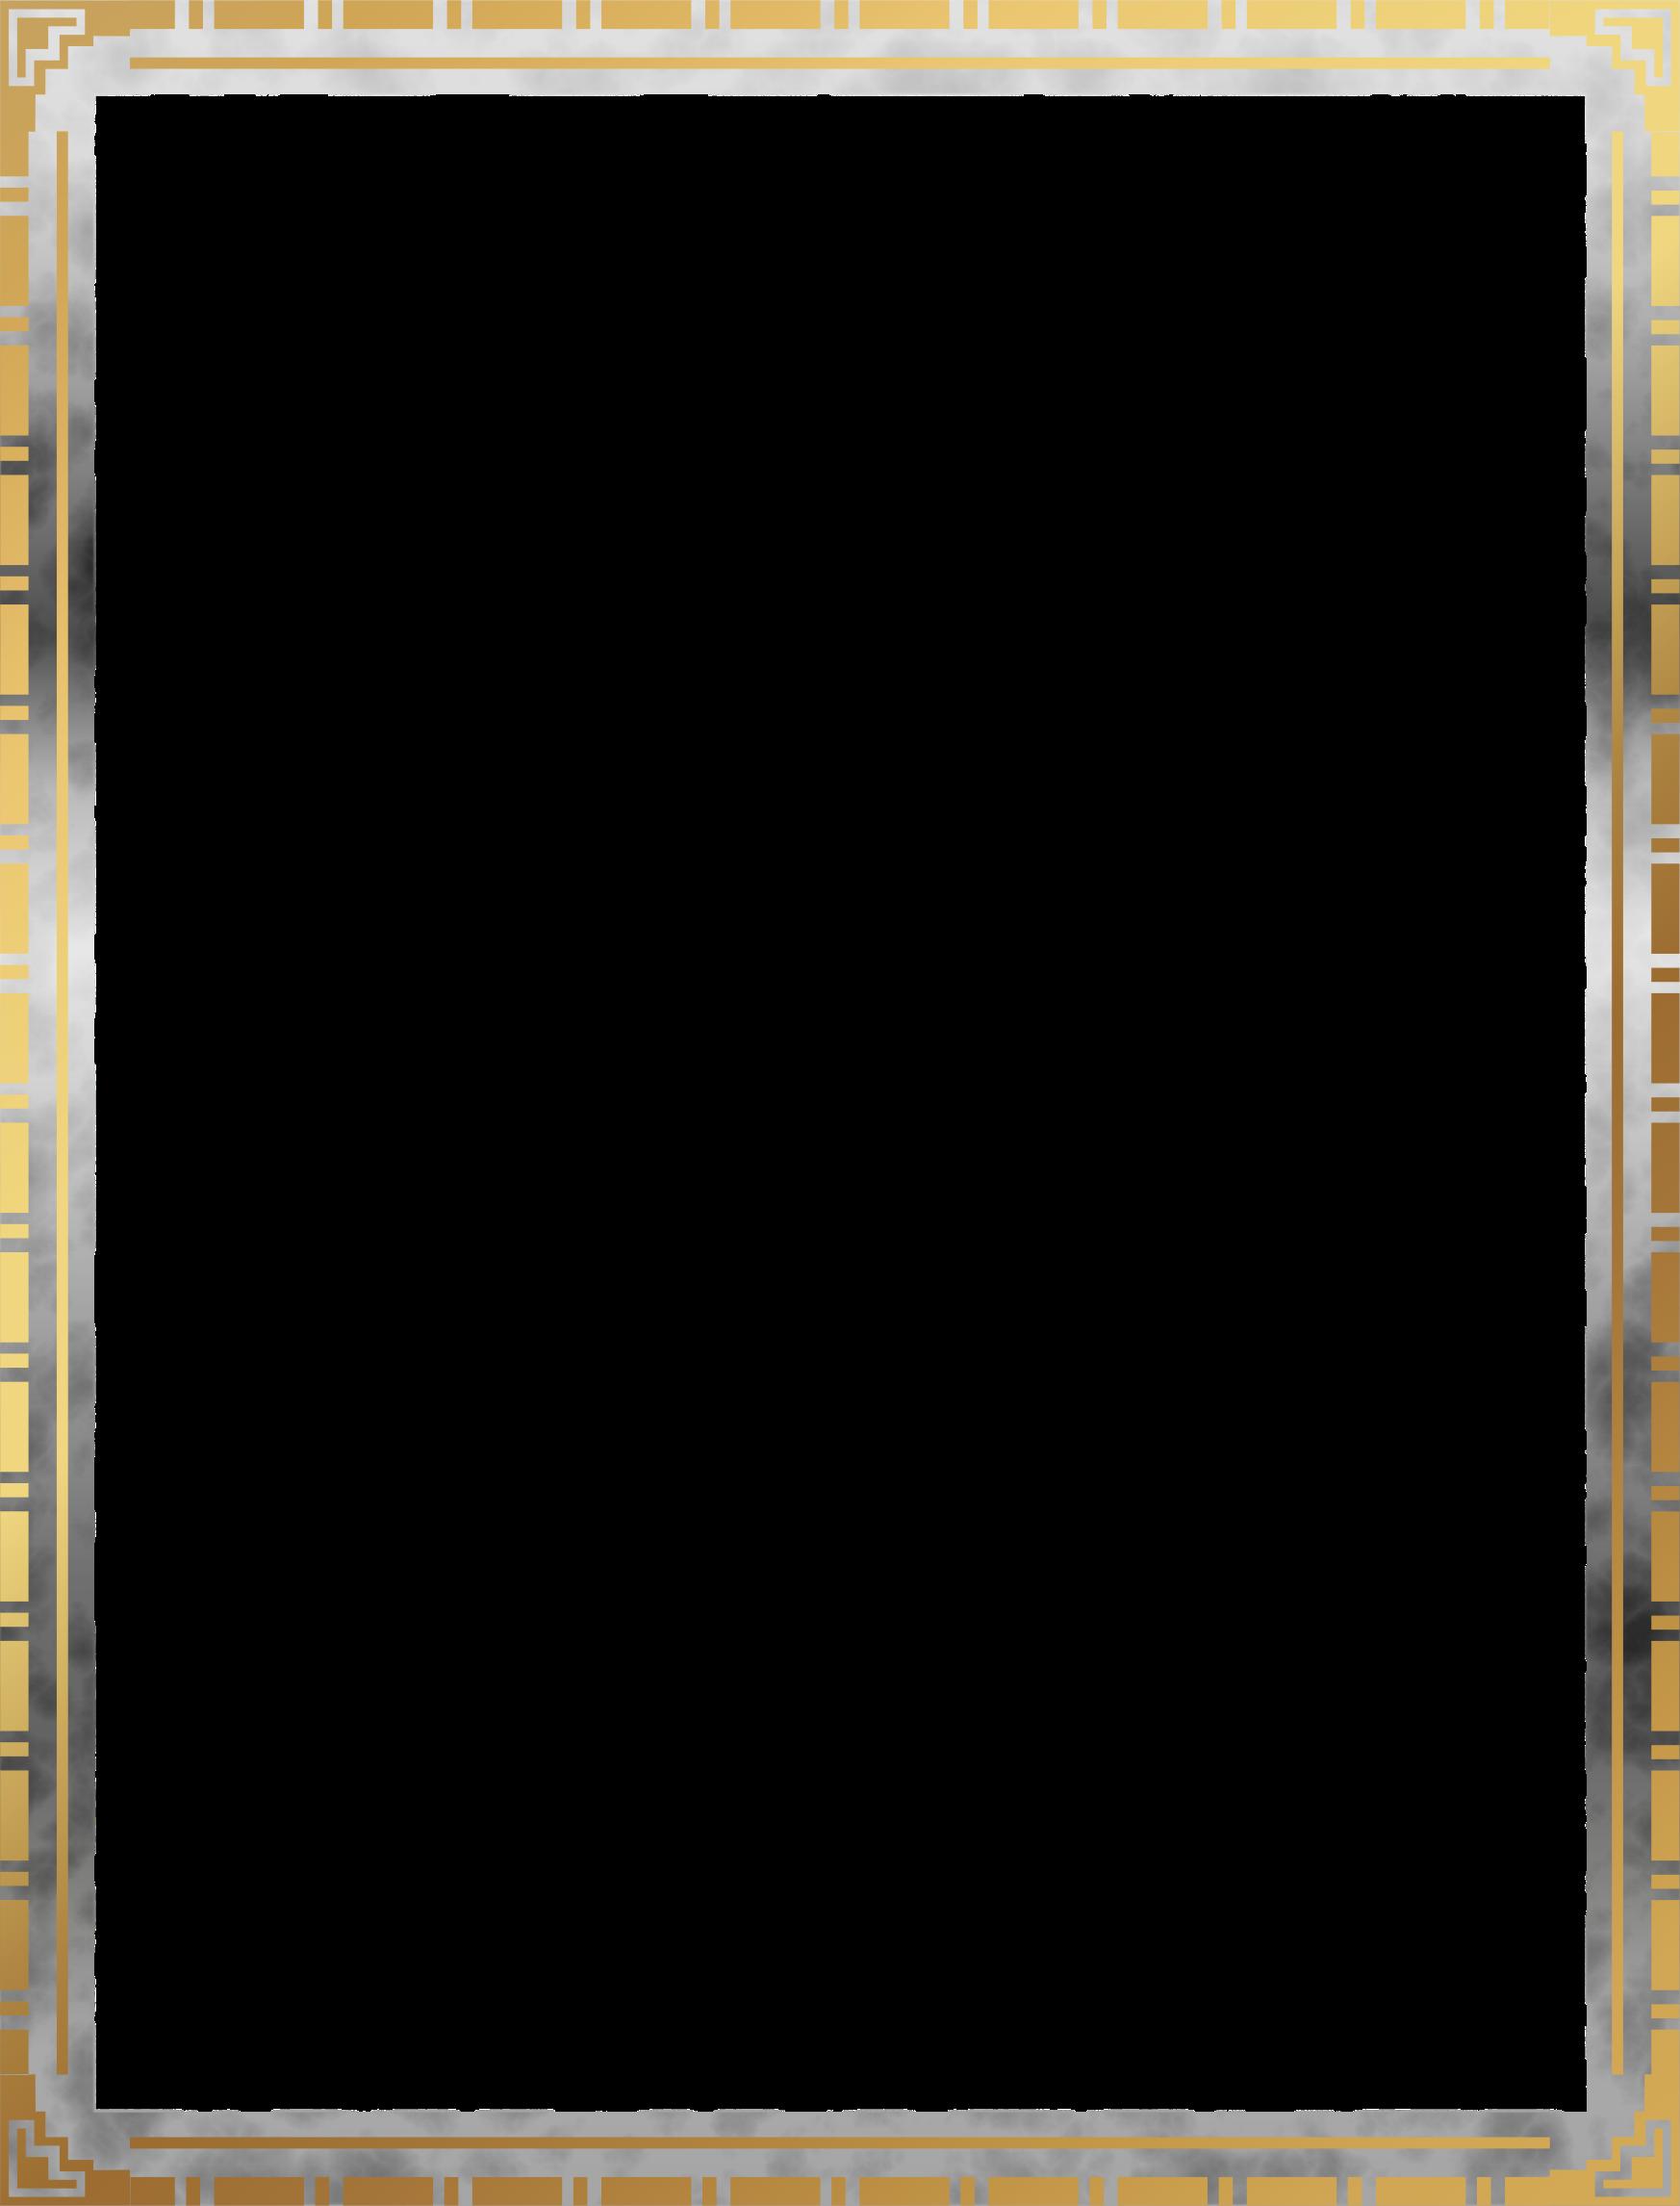 Border big image png. Clipart frames art deco